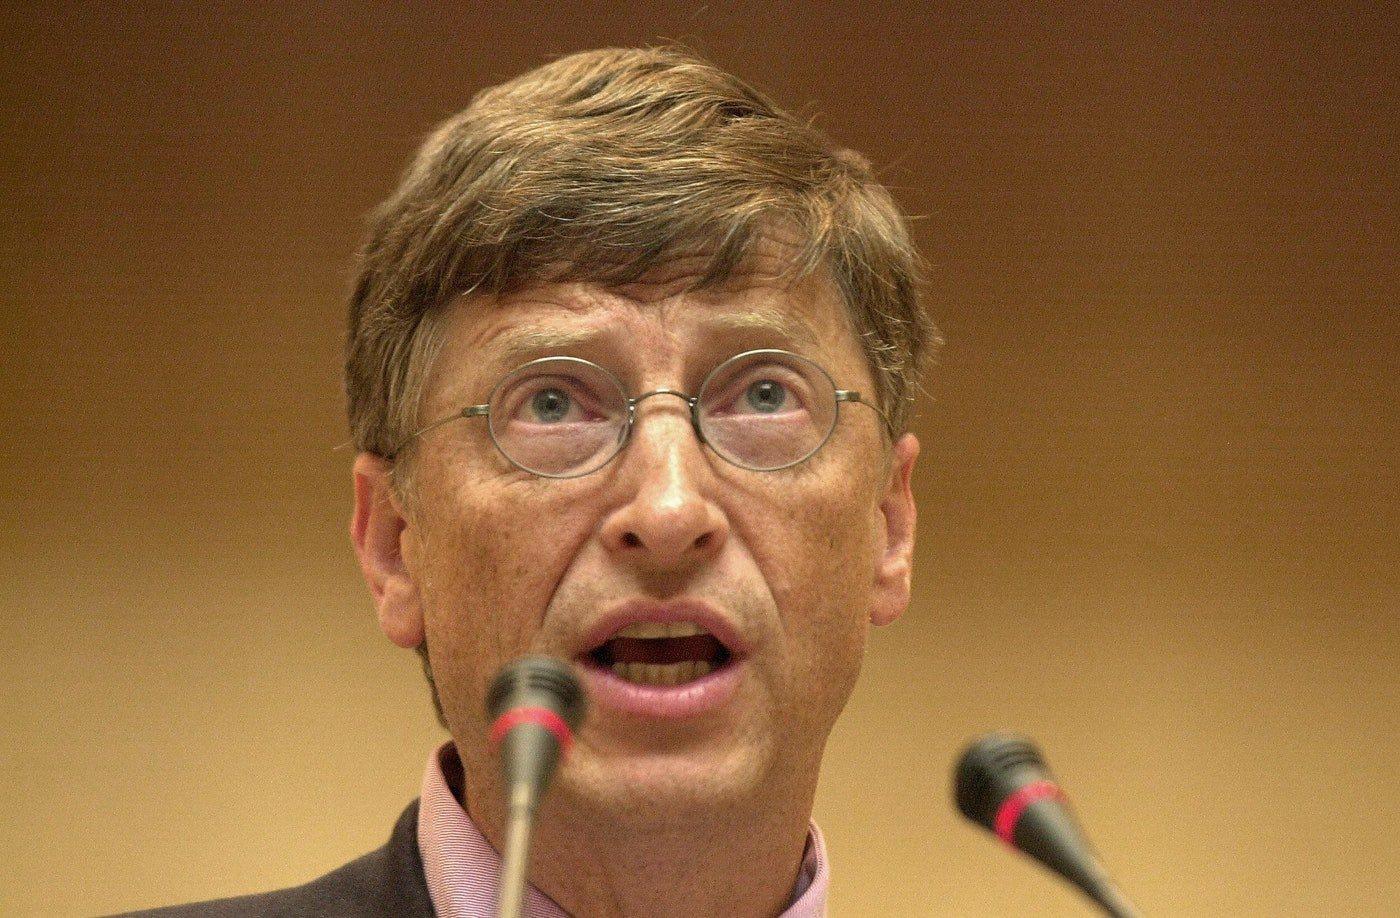 Bill Gates can tro vaccine Covid-19 den tay nguoi dan? anh 3